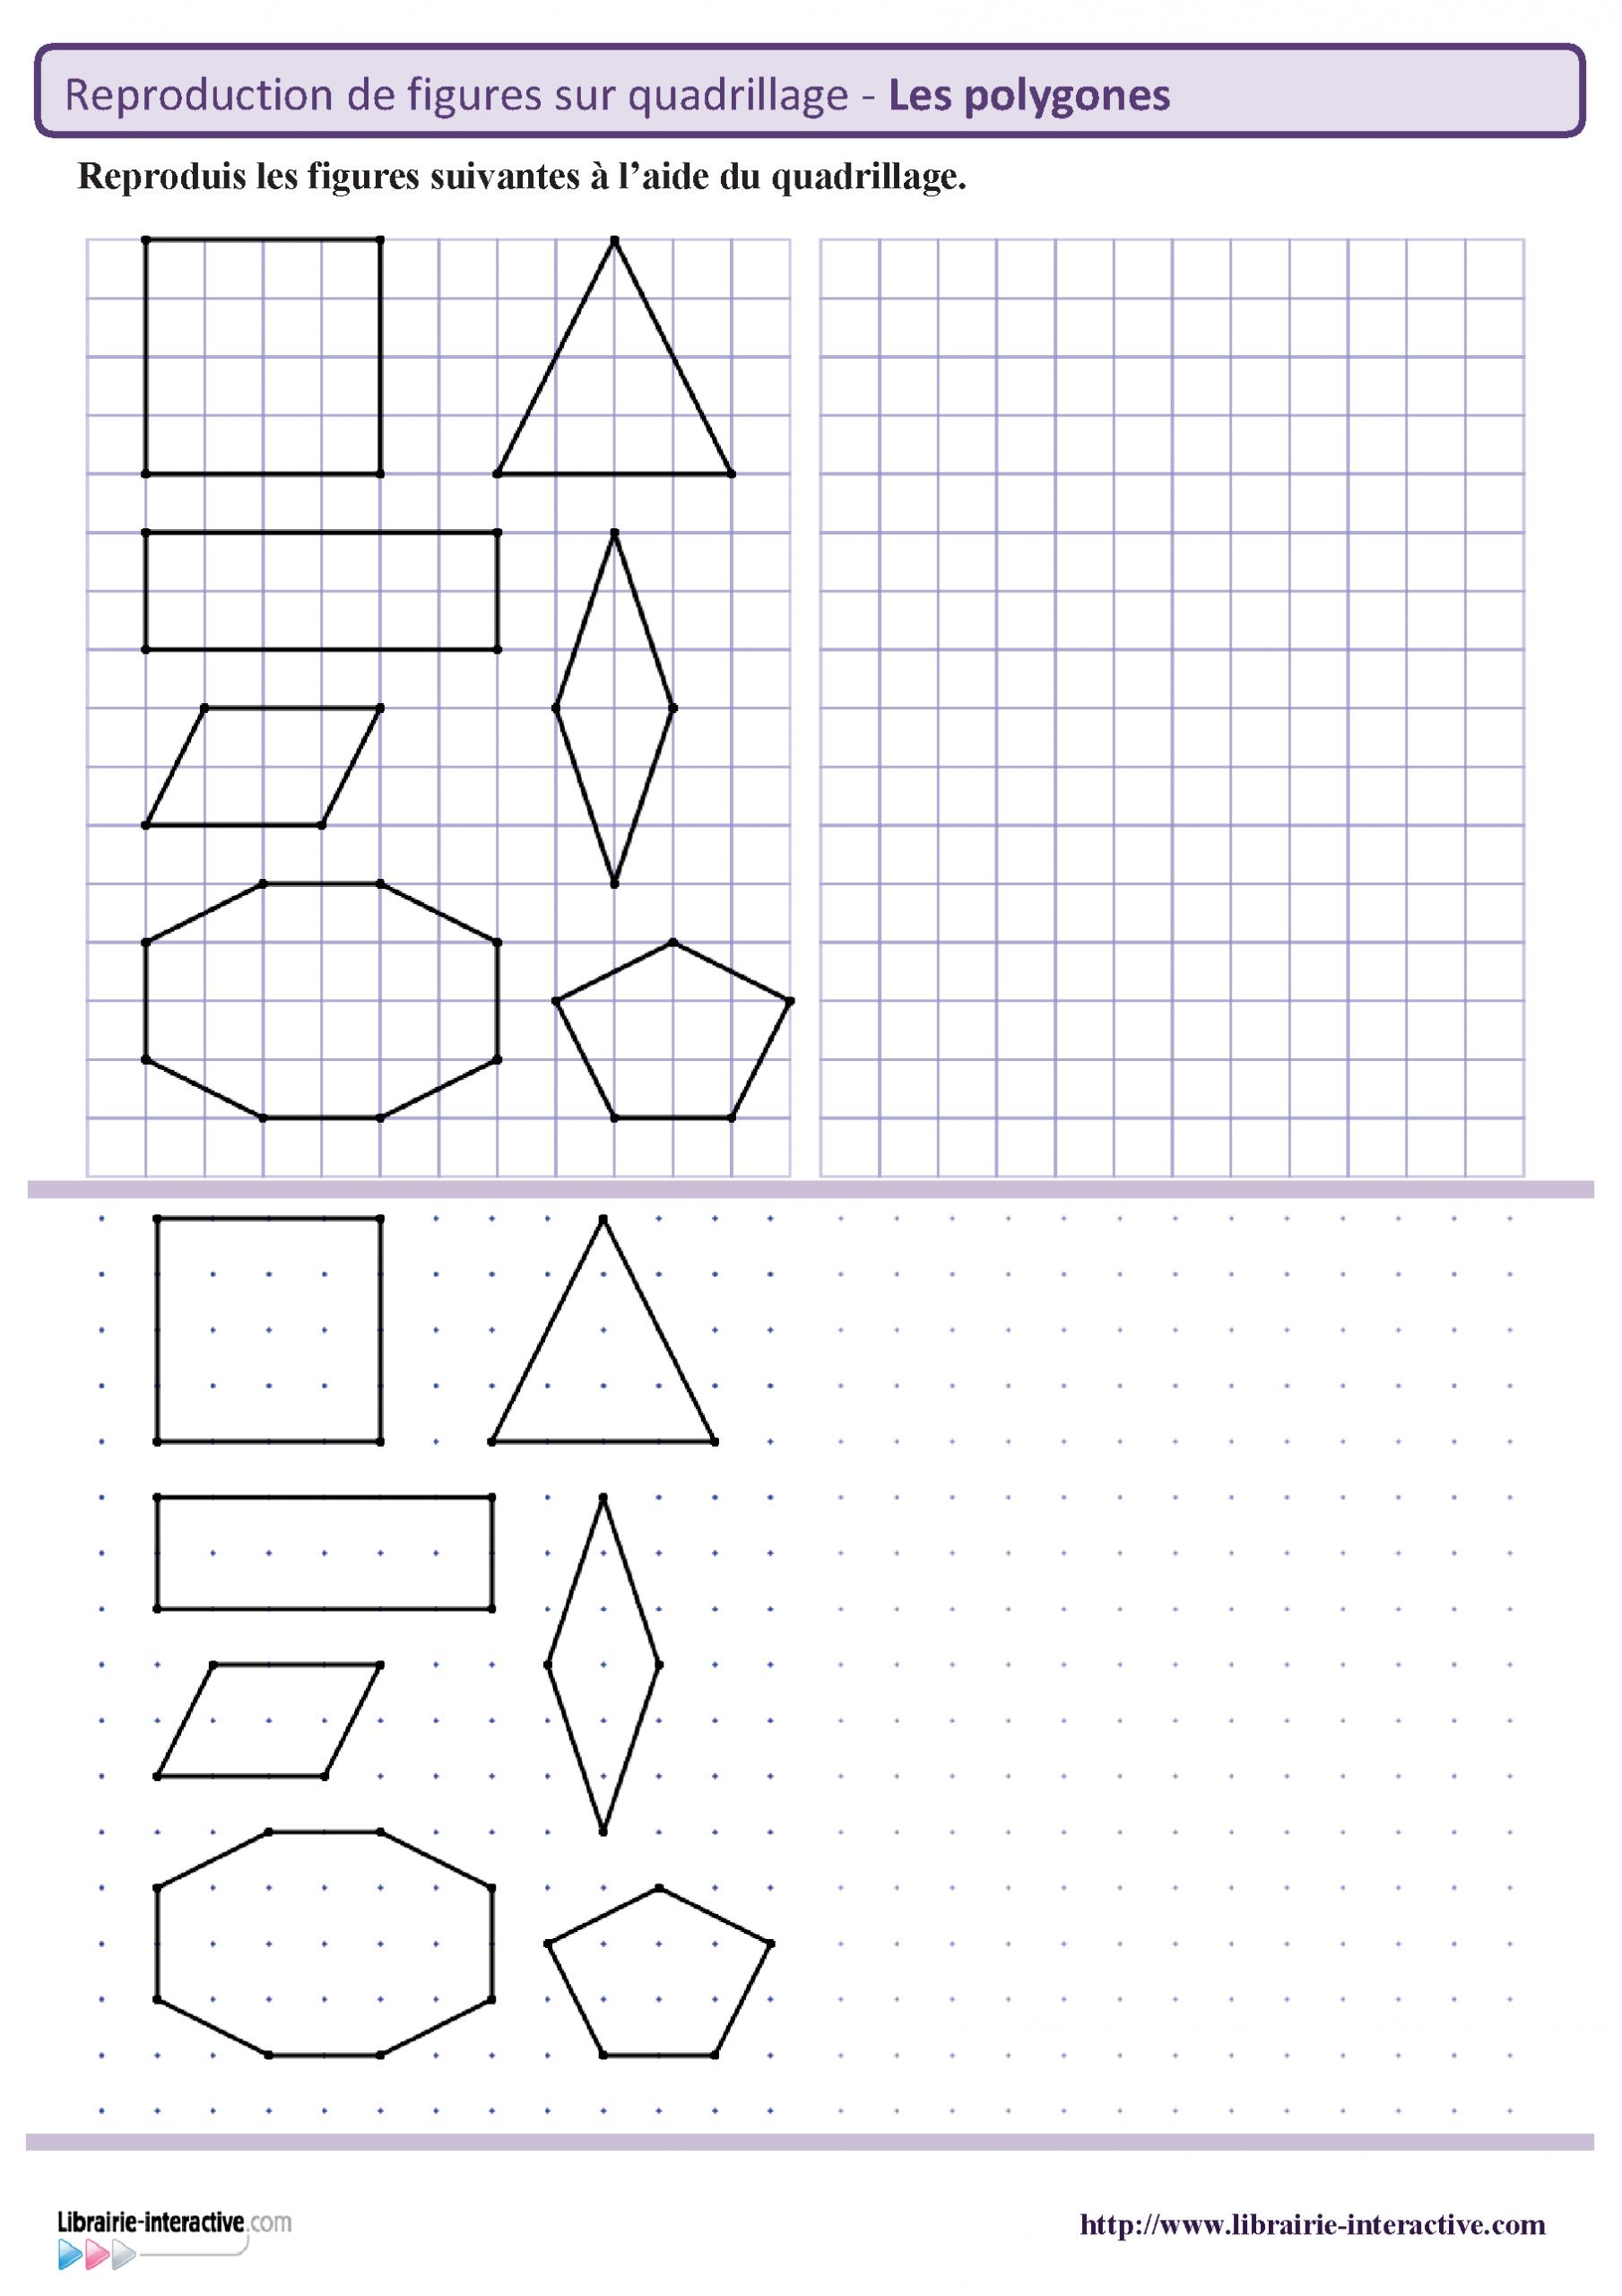 Reproduction Des Principaux Polygones Sur Quadrillage Et dedans Reproduire Un Dessin Sur Quadrillage Cp